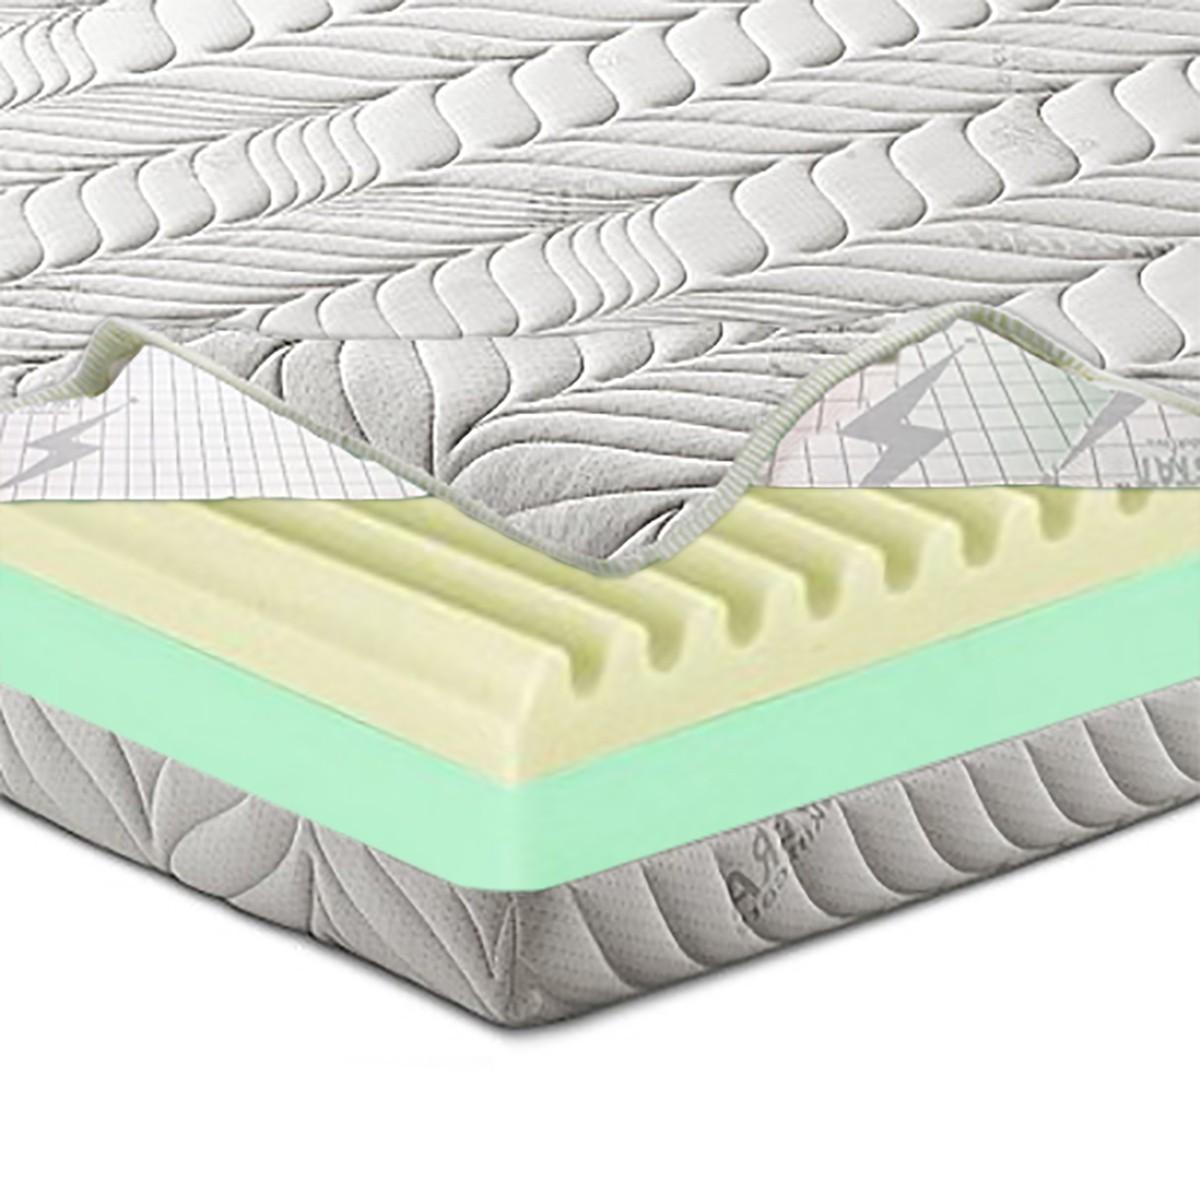 materasso in memory foam con fibra di carbonio resistat mod ... - Materassi Con Fibra Di Carbonio